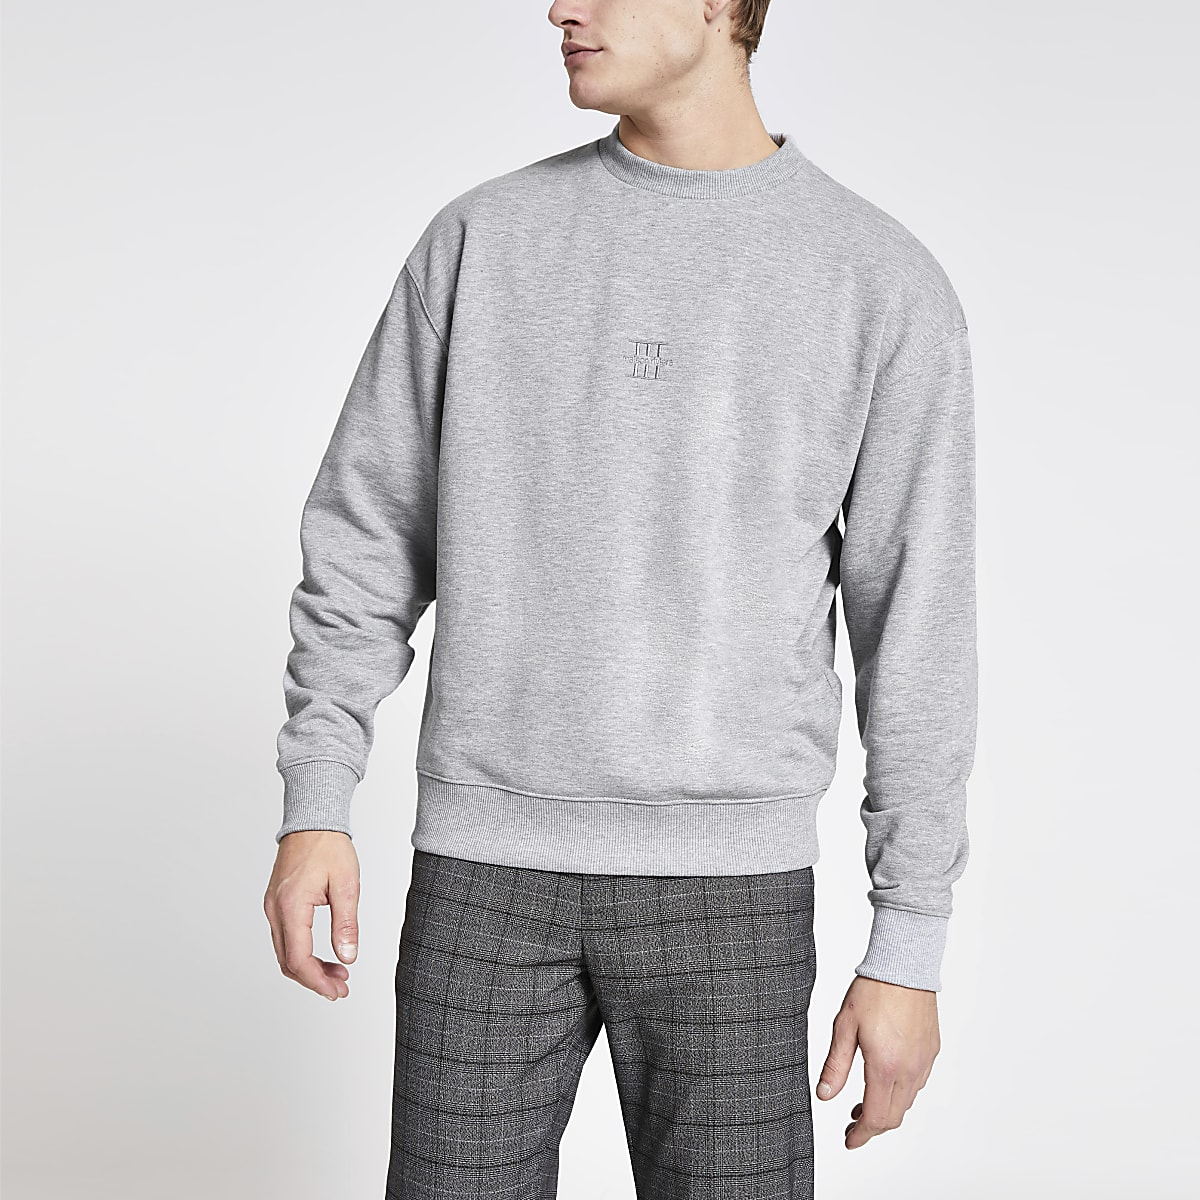 Maison Riviera grey boxy fit sweatshirt